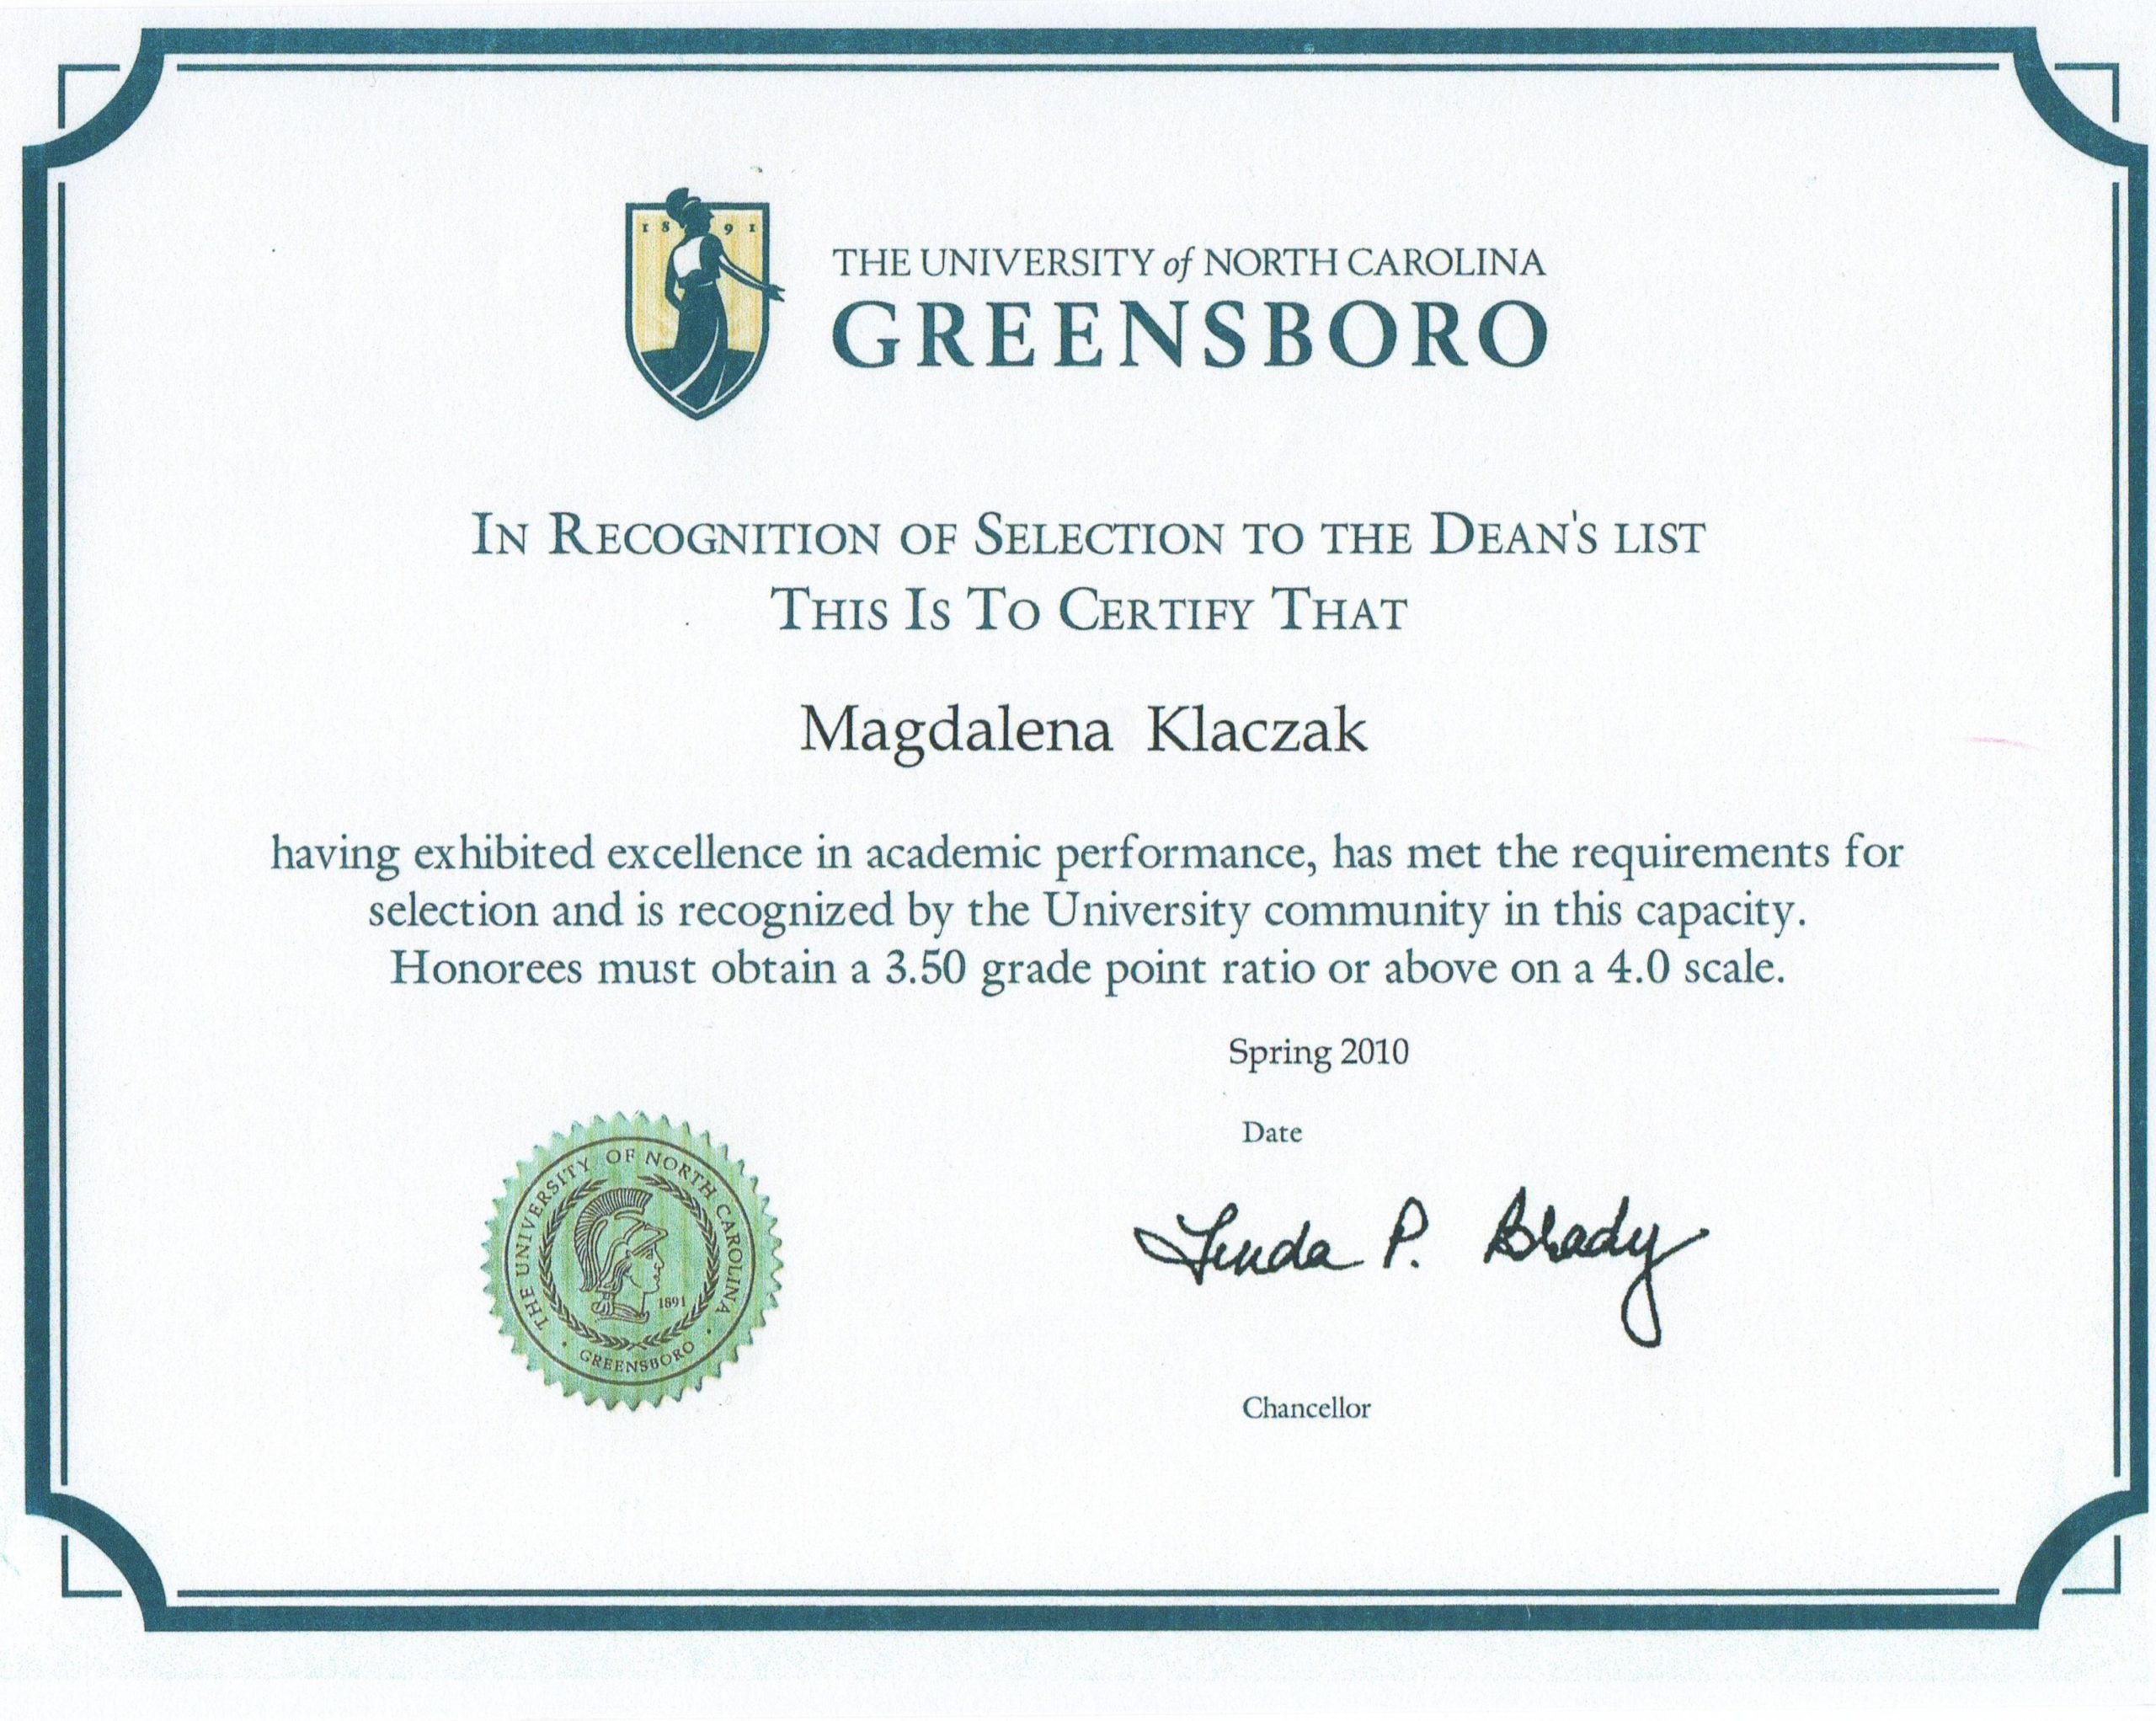 Uniwersytet Greensboro